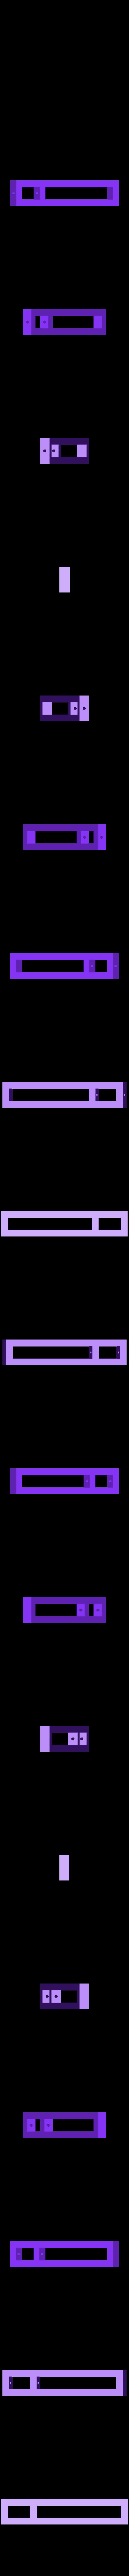 whirligig_string_handle.stl Télécharger fichier STL gratuit Whirligig Flying Spinner - Mouches 10 m (30 ft) • Plan à imprimer en 3D, FunnyJohnnyPrinter